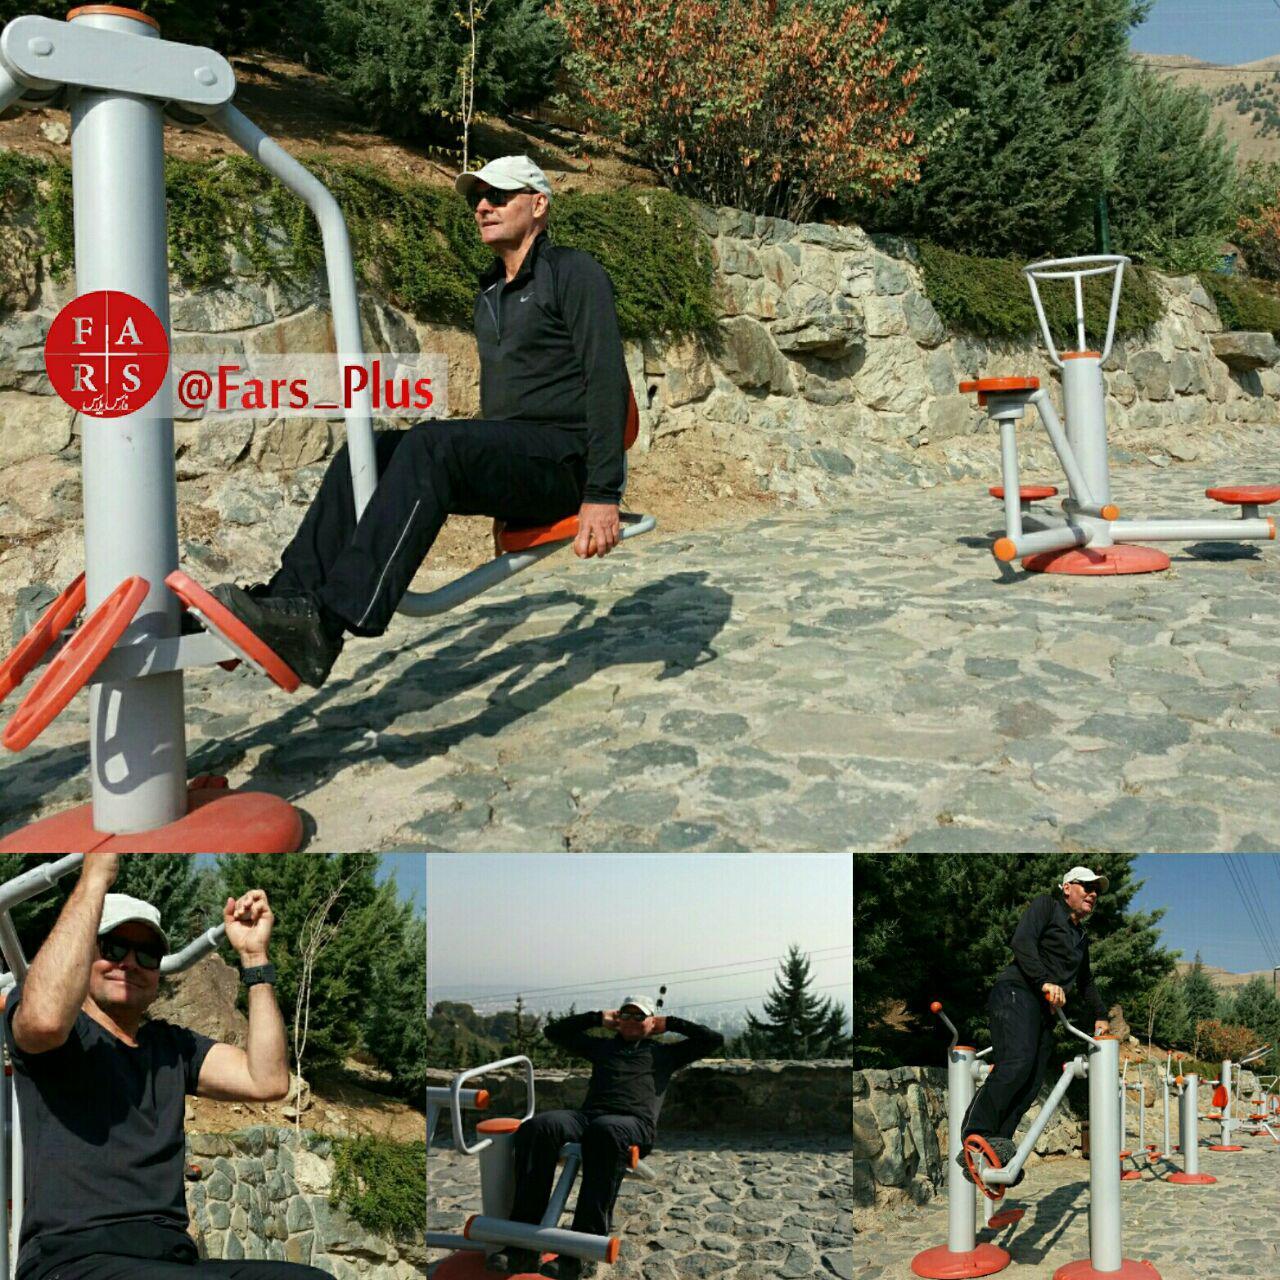 سفیر آلمان در حال ورزش در پارک جمشیدیه (عکس)